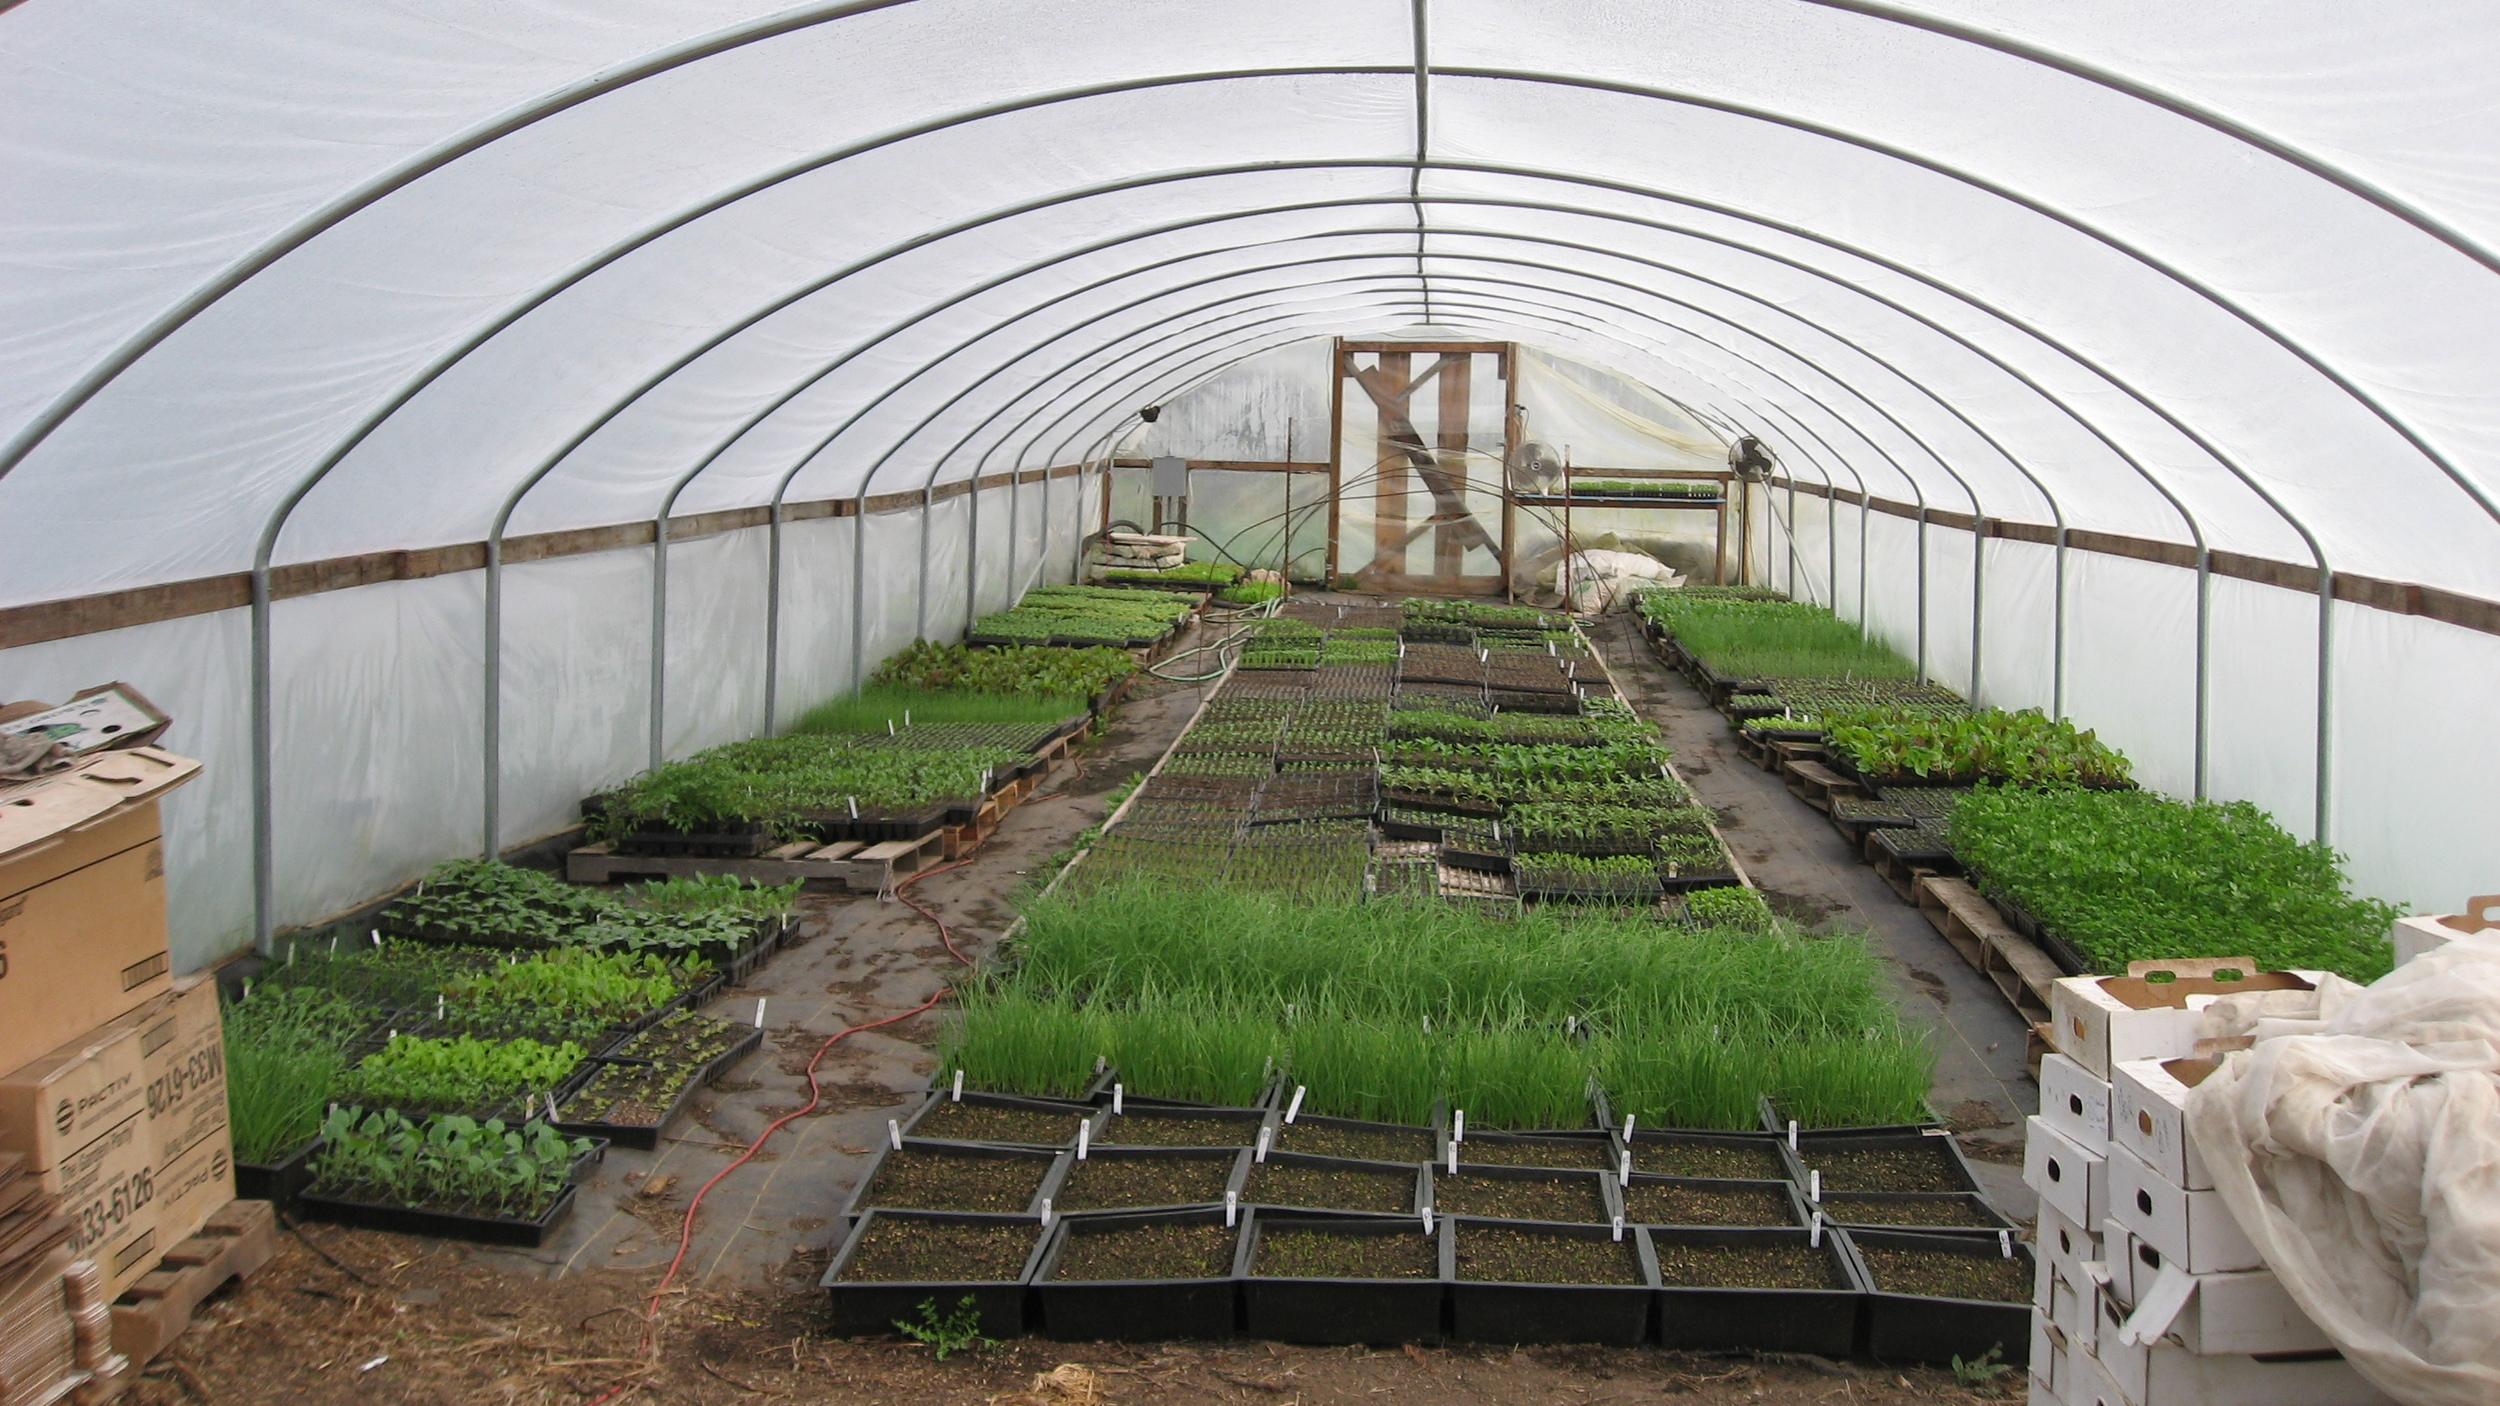 Lost Creek seedling hoophouse